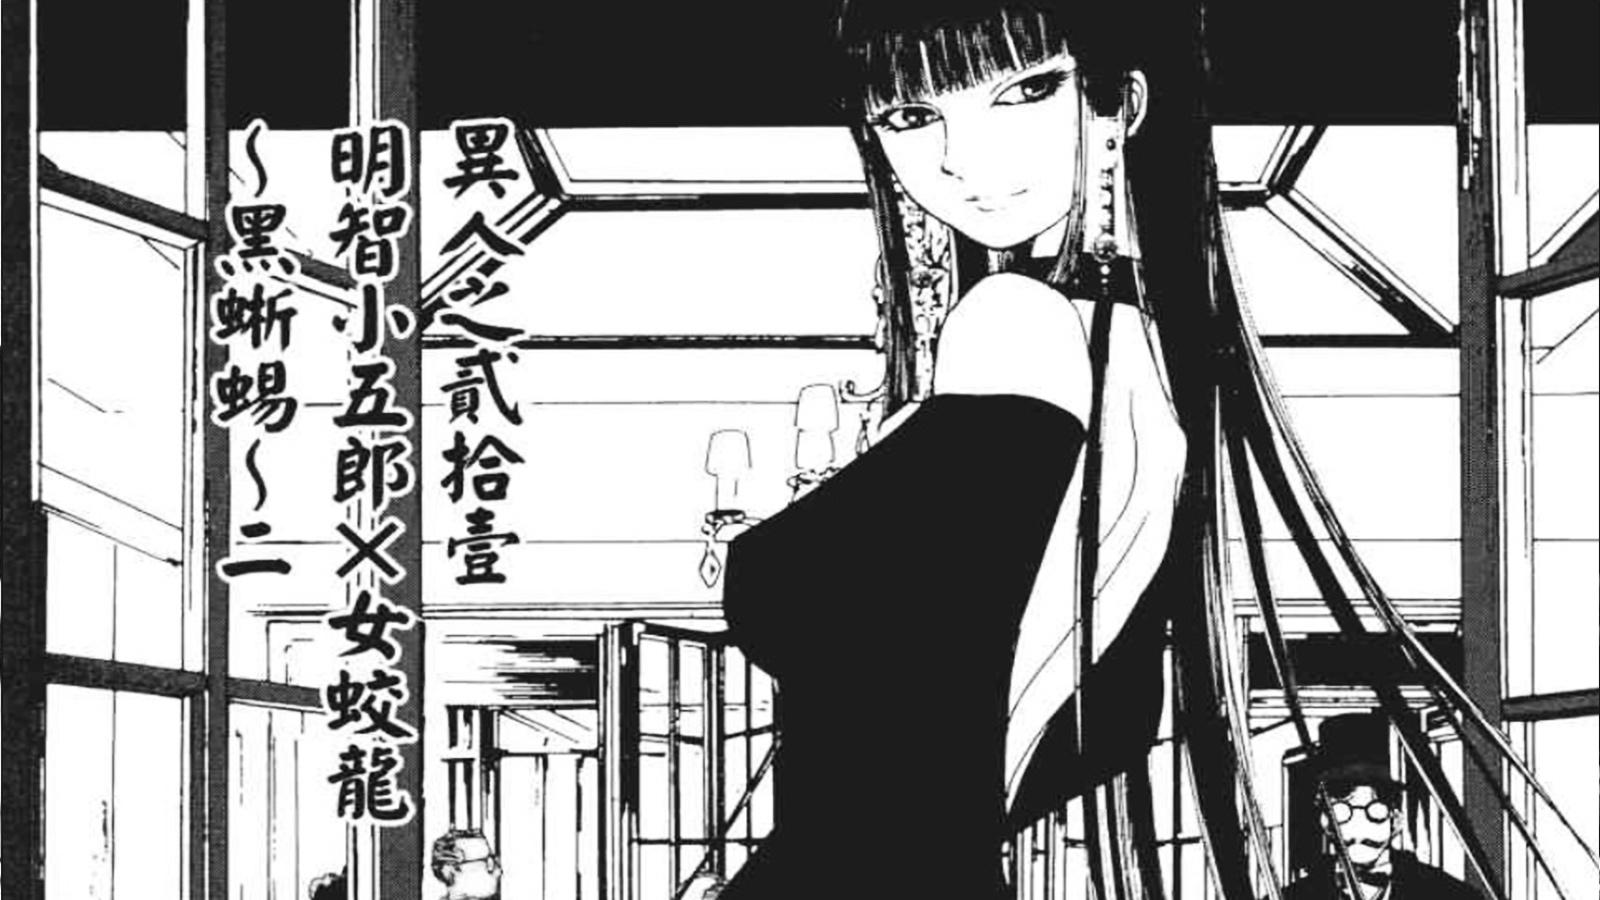 【江户川21蜥蜴女2】这个S型水蛇腰的女人打赌要赢过小五郎